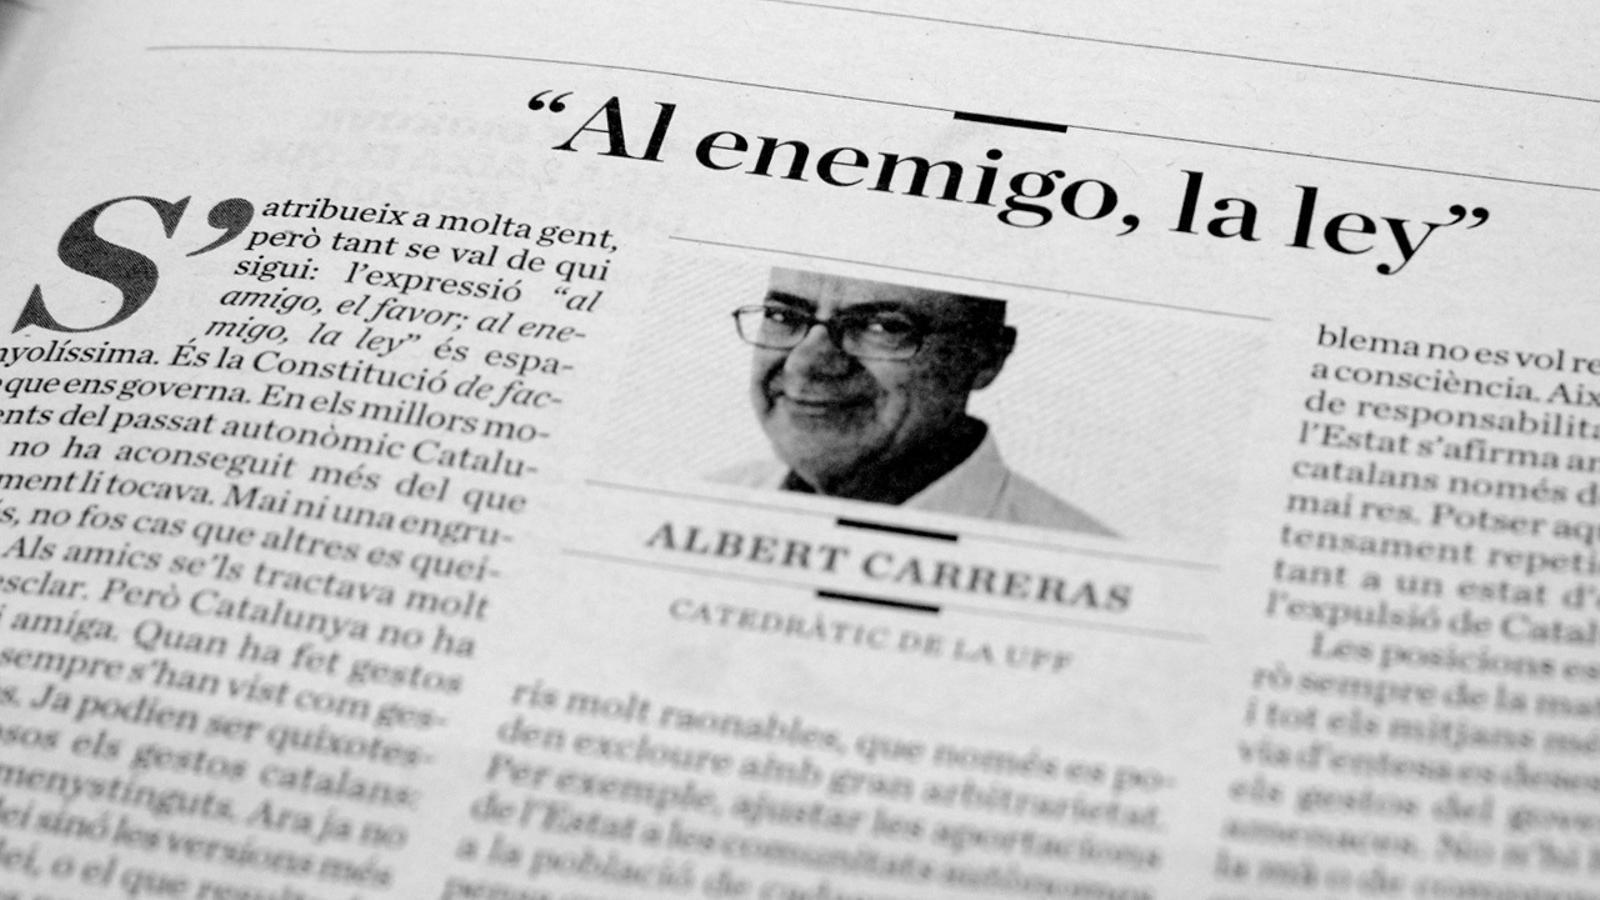 L'anàlisi d'Antoni Bassas: 'Se'ns esprem a consciència (inclou 'Rajoy's greatest hits' al judici)'